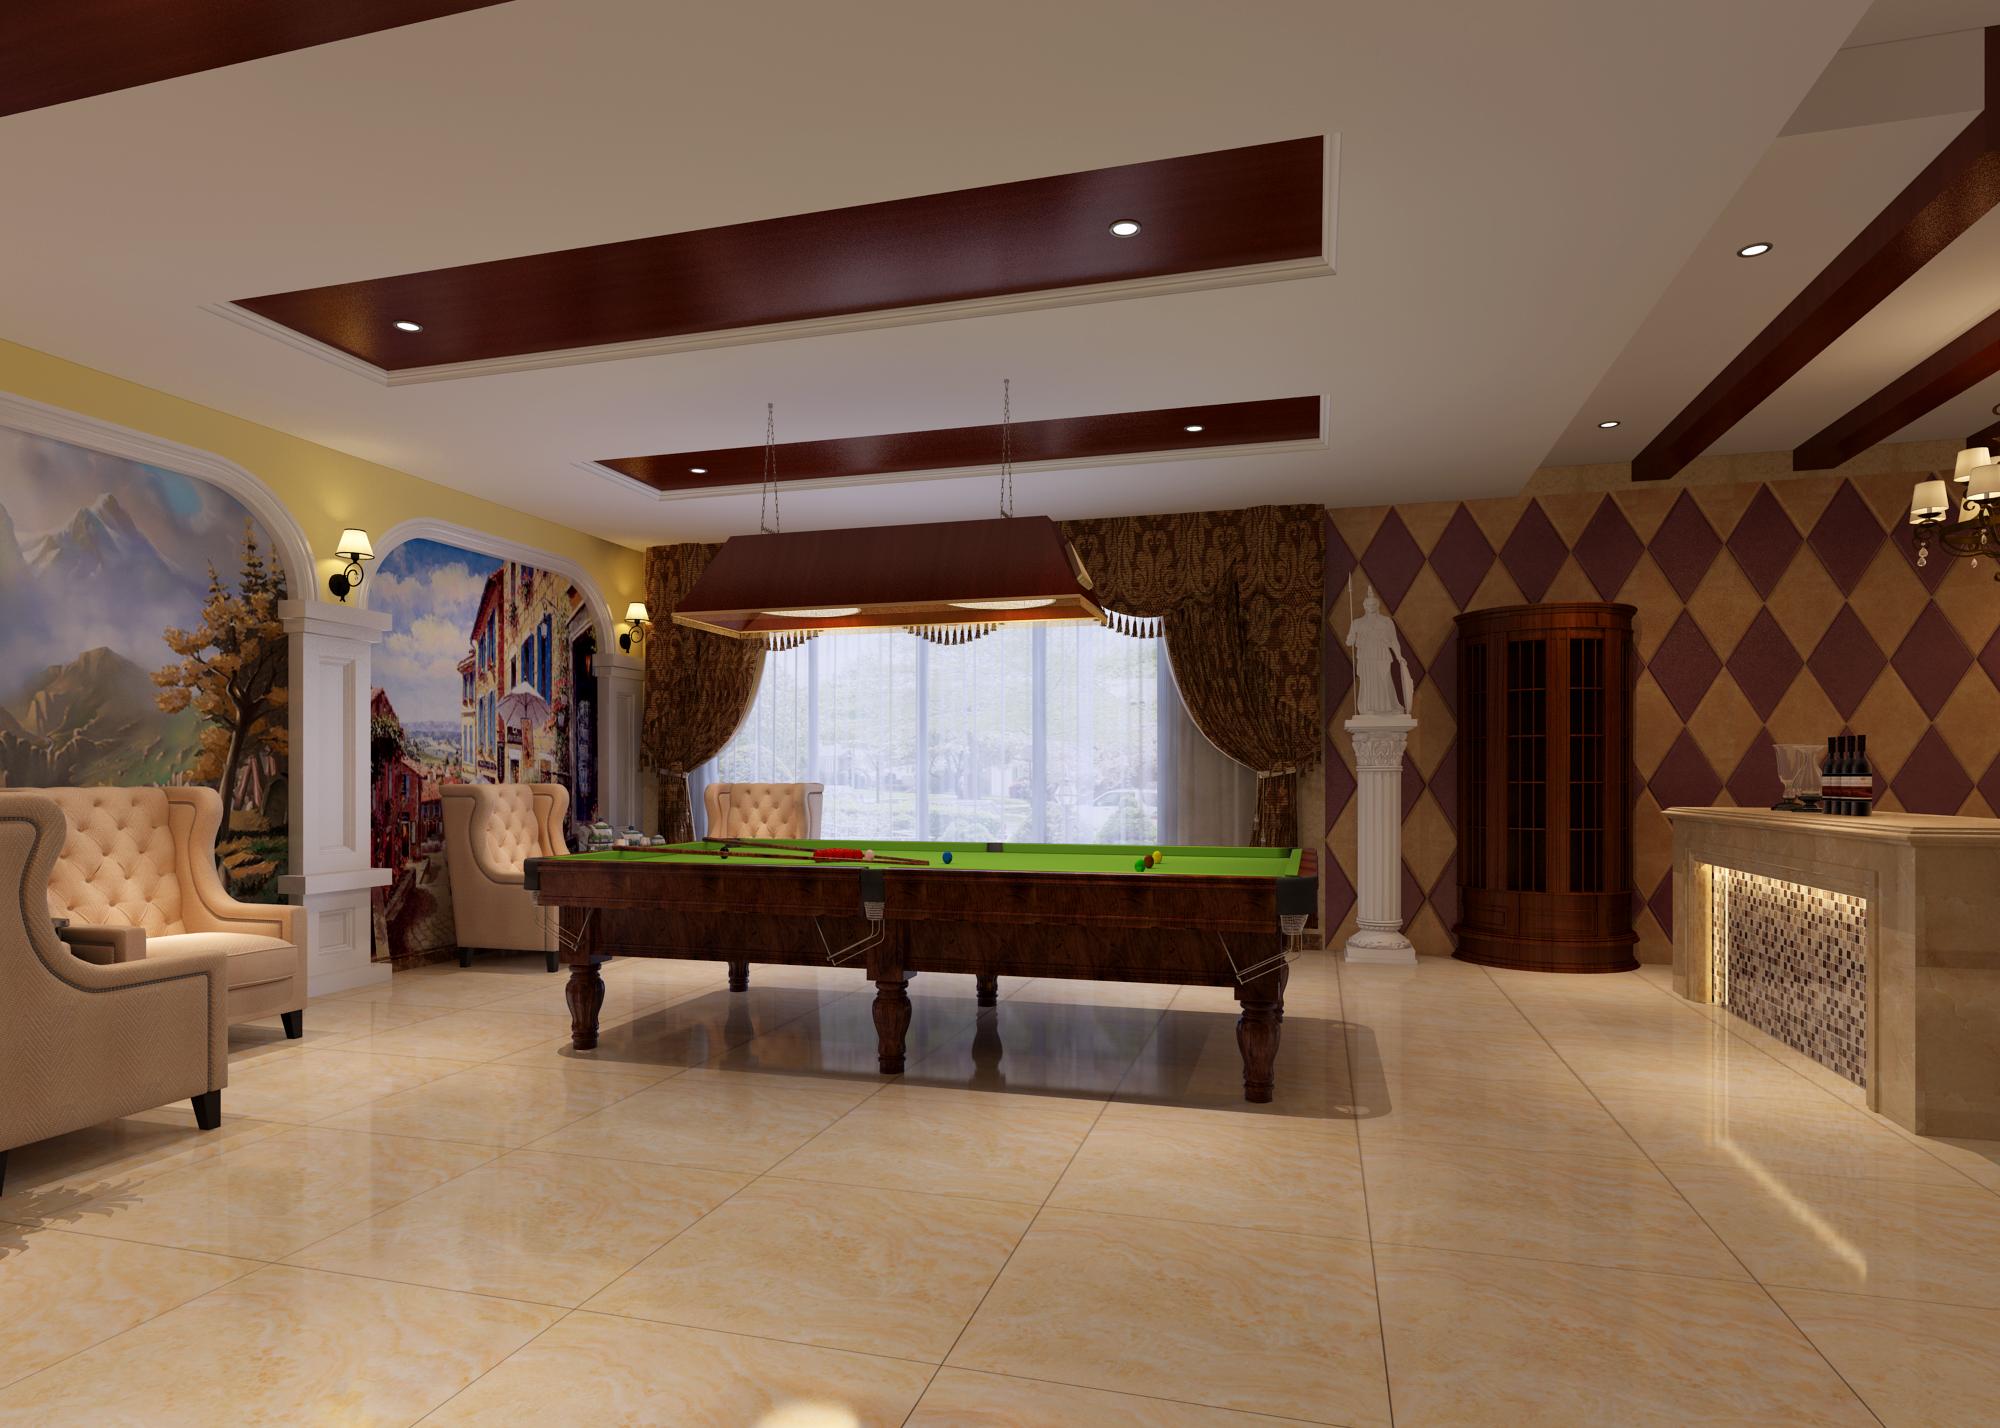 别墅 复式 其他图片来自武汉一号家居网装修在金地圣爱米伦385平欧式复式洋房的分享